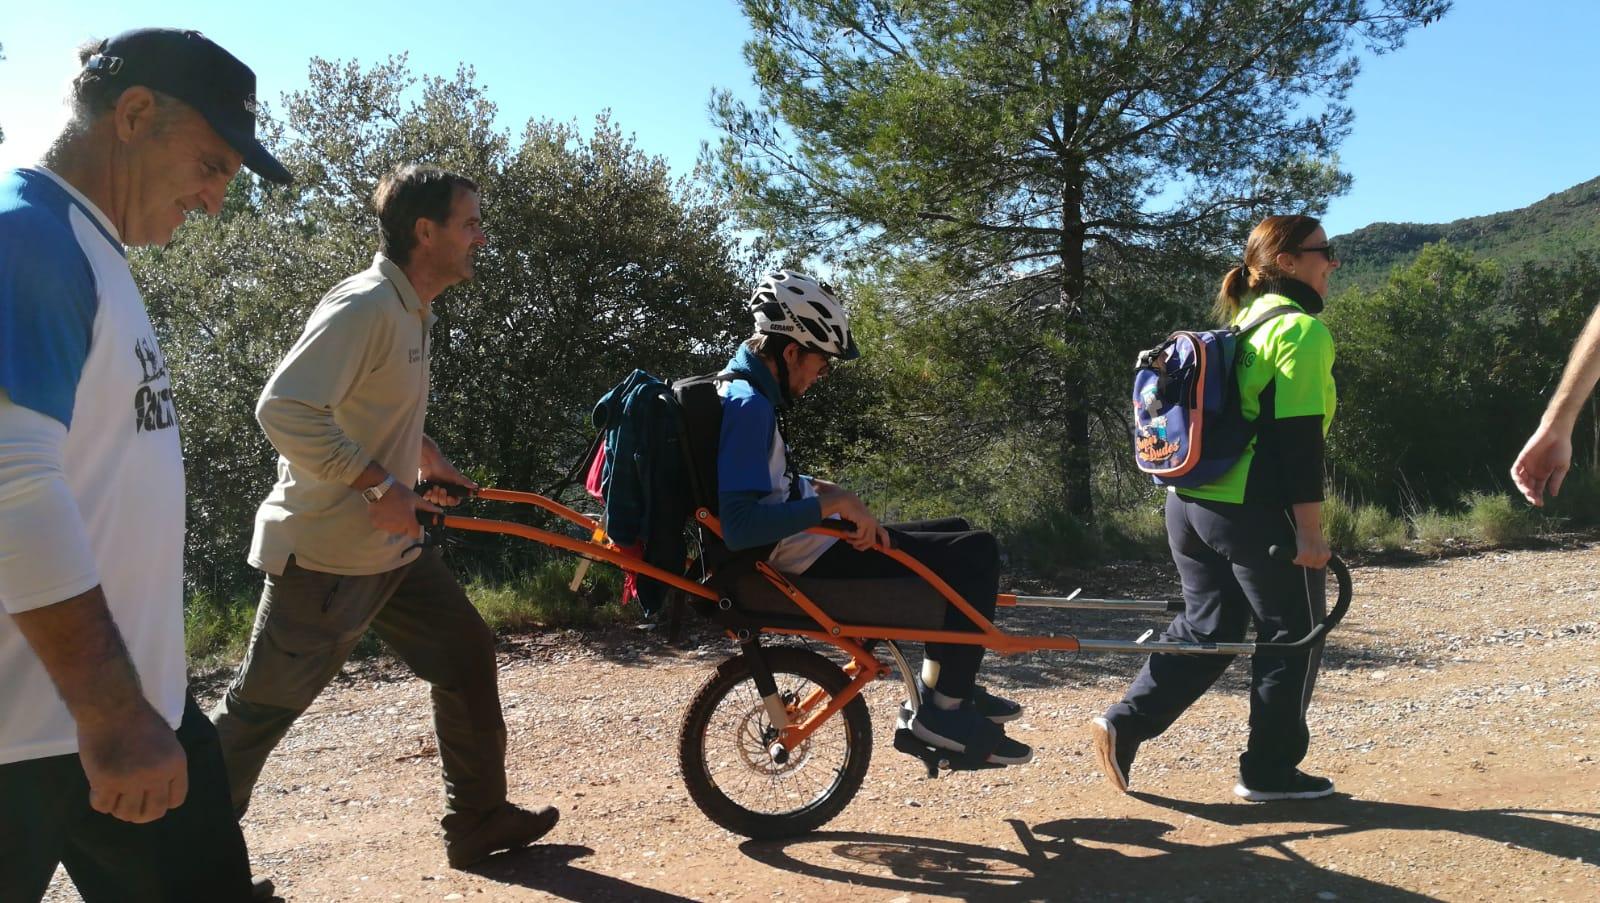 Arrancan los cursos de formación para mejorar la accesibilidad de personas con diversidad funcional a los parques naturales de la Comunitat Valenciana. Imagen: GV